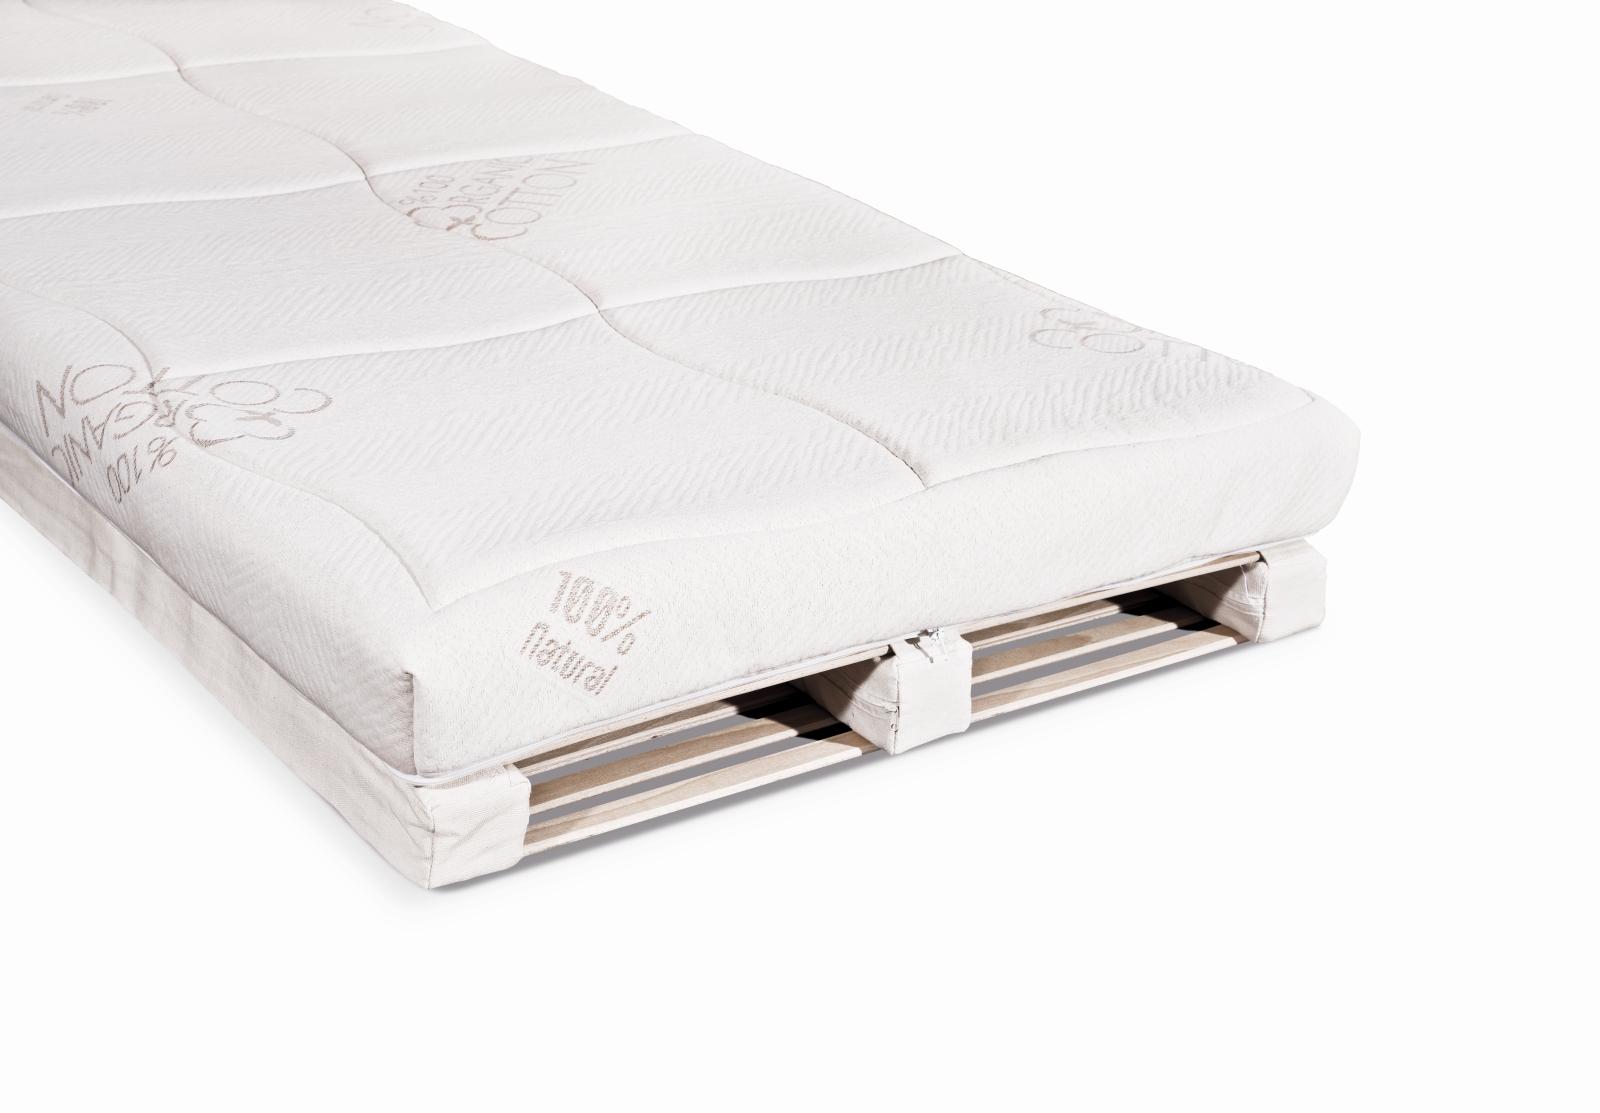 Spací systém ve variantě s matrací z přírodního kaučuku a potahem Organic.